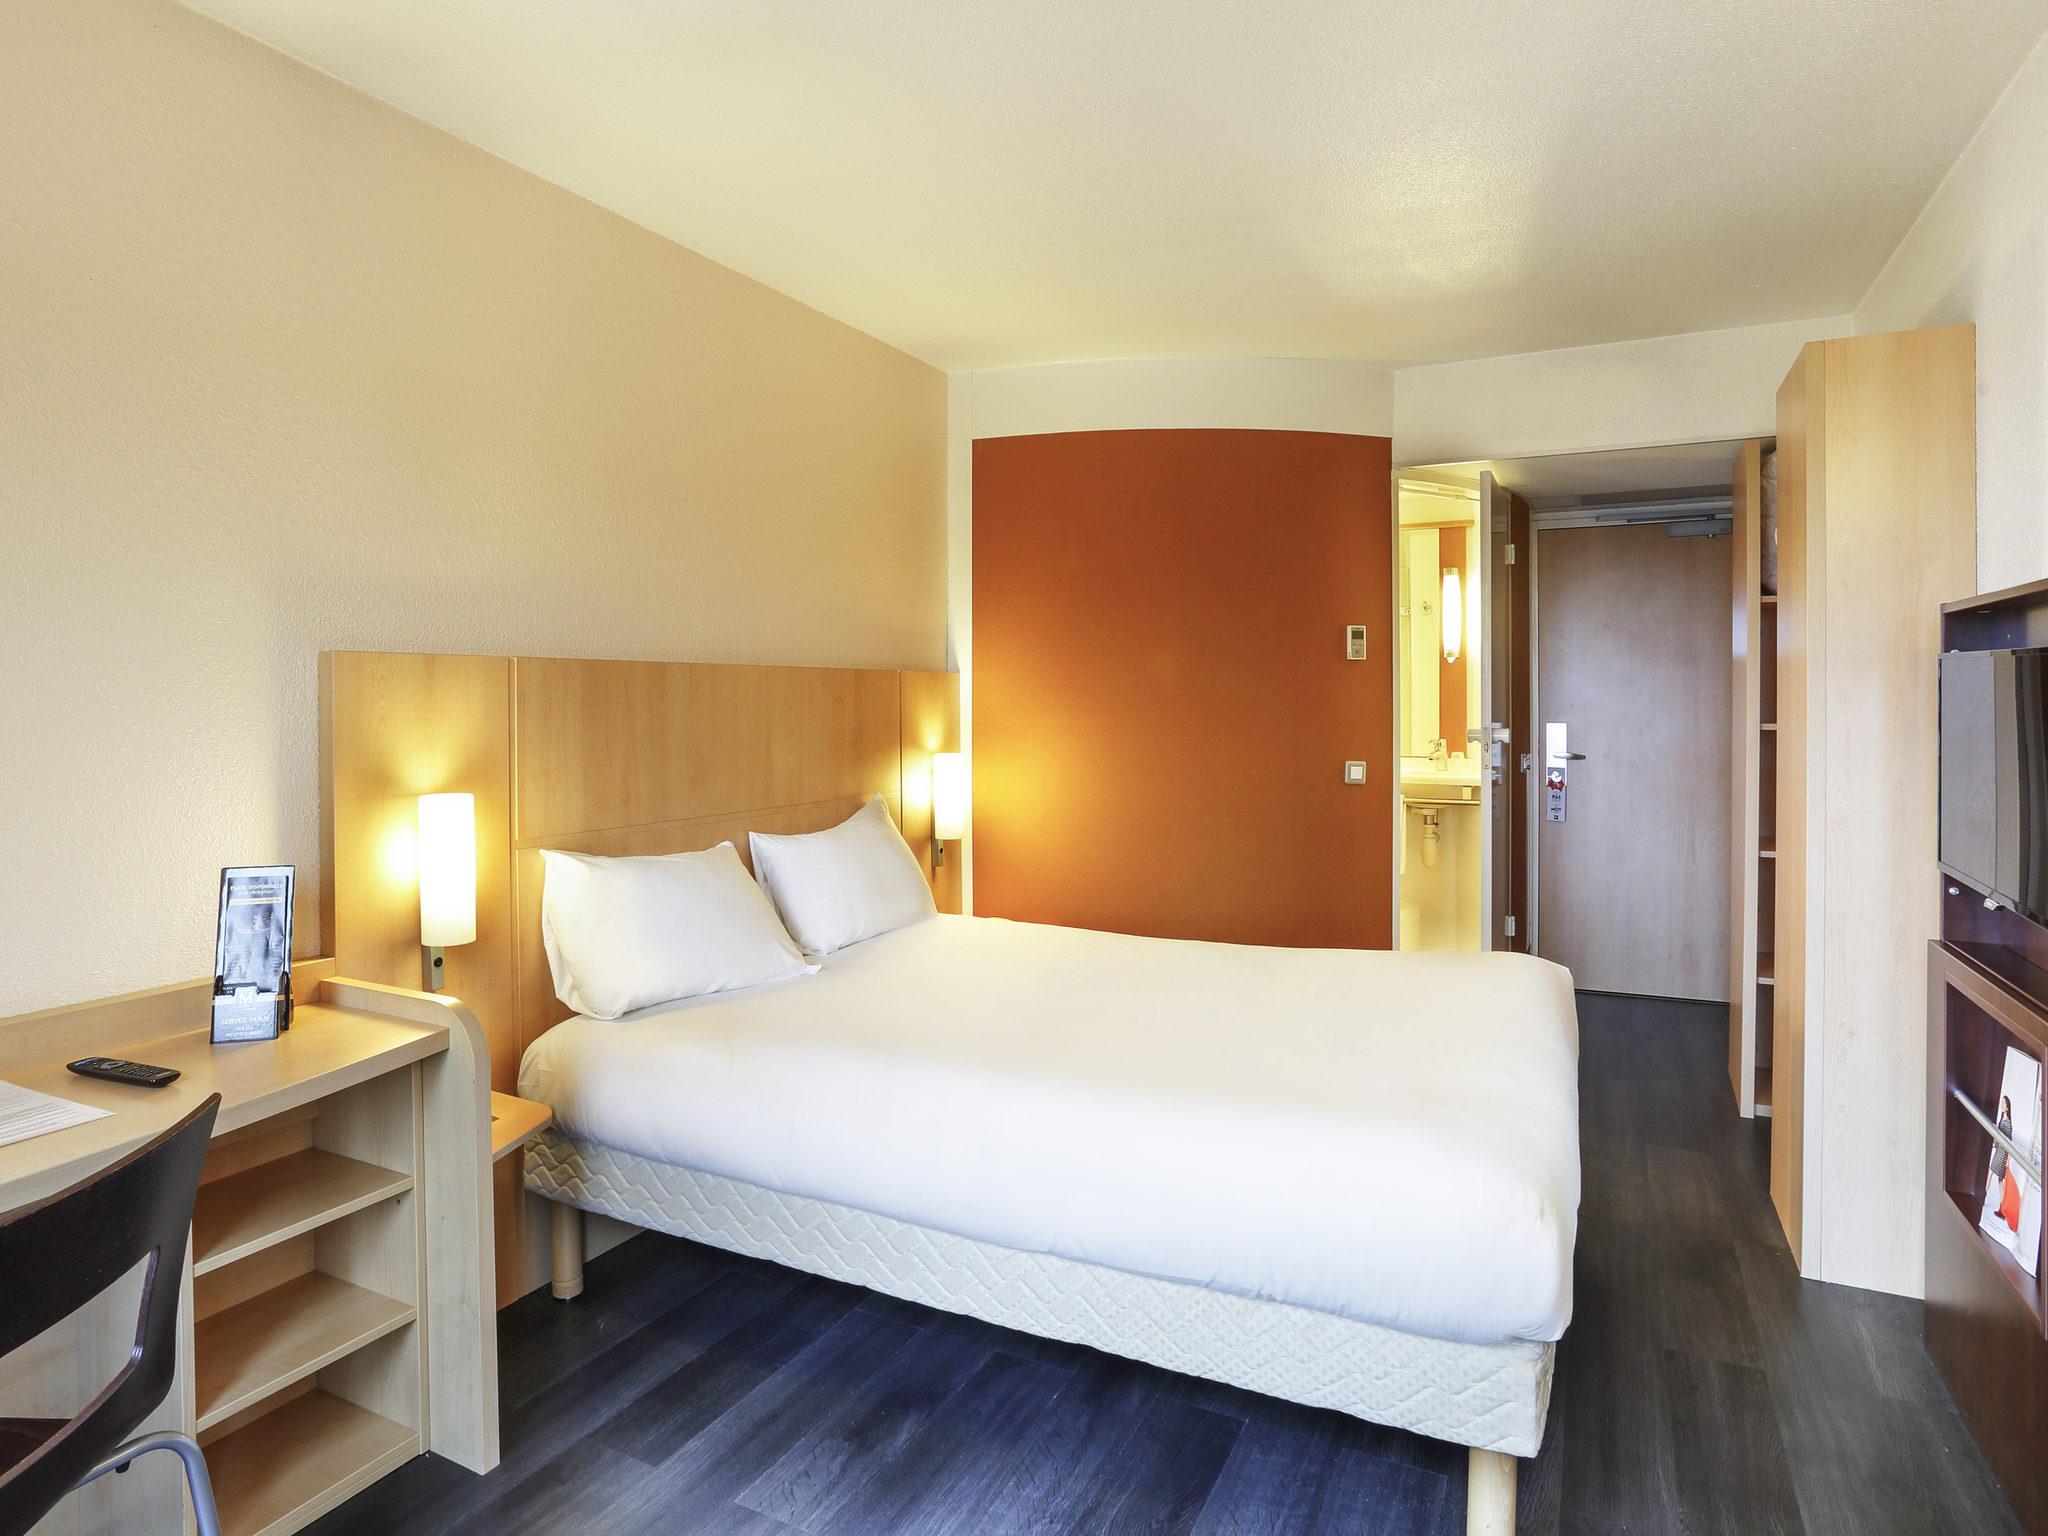 hotel in etampes ibis etampes